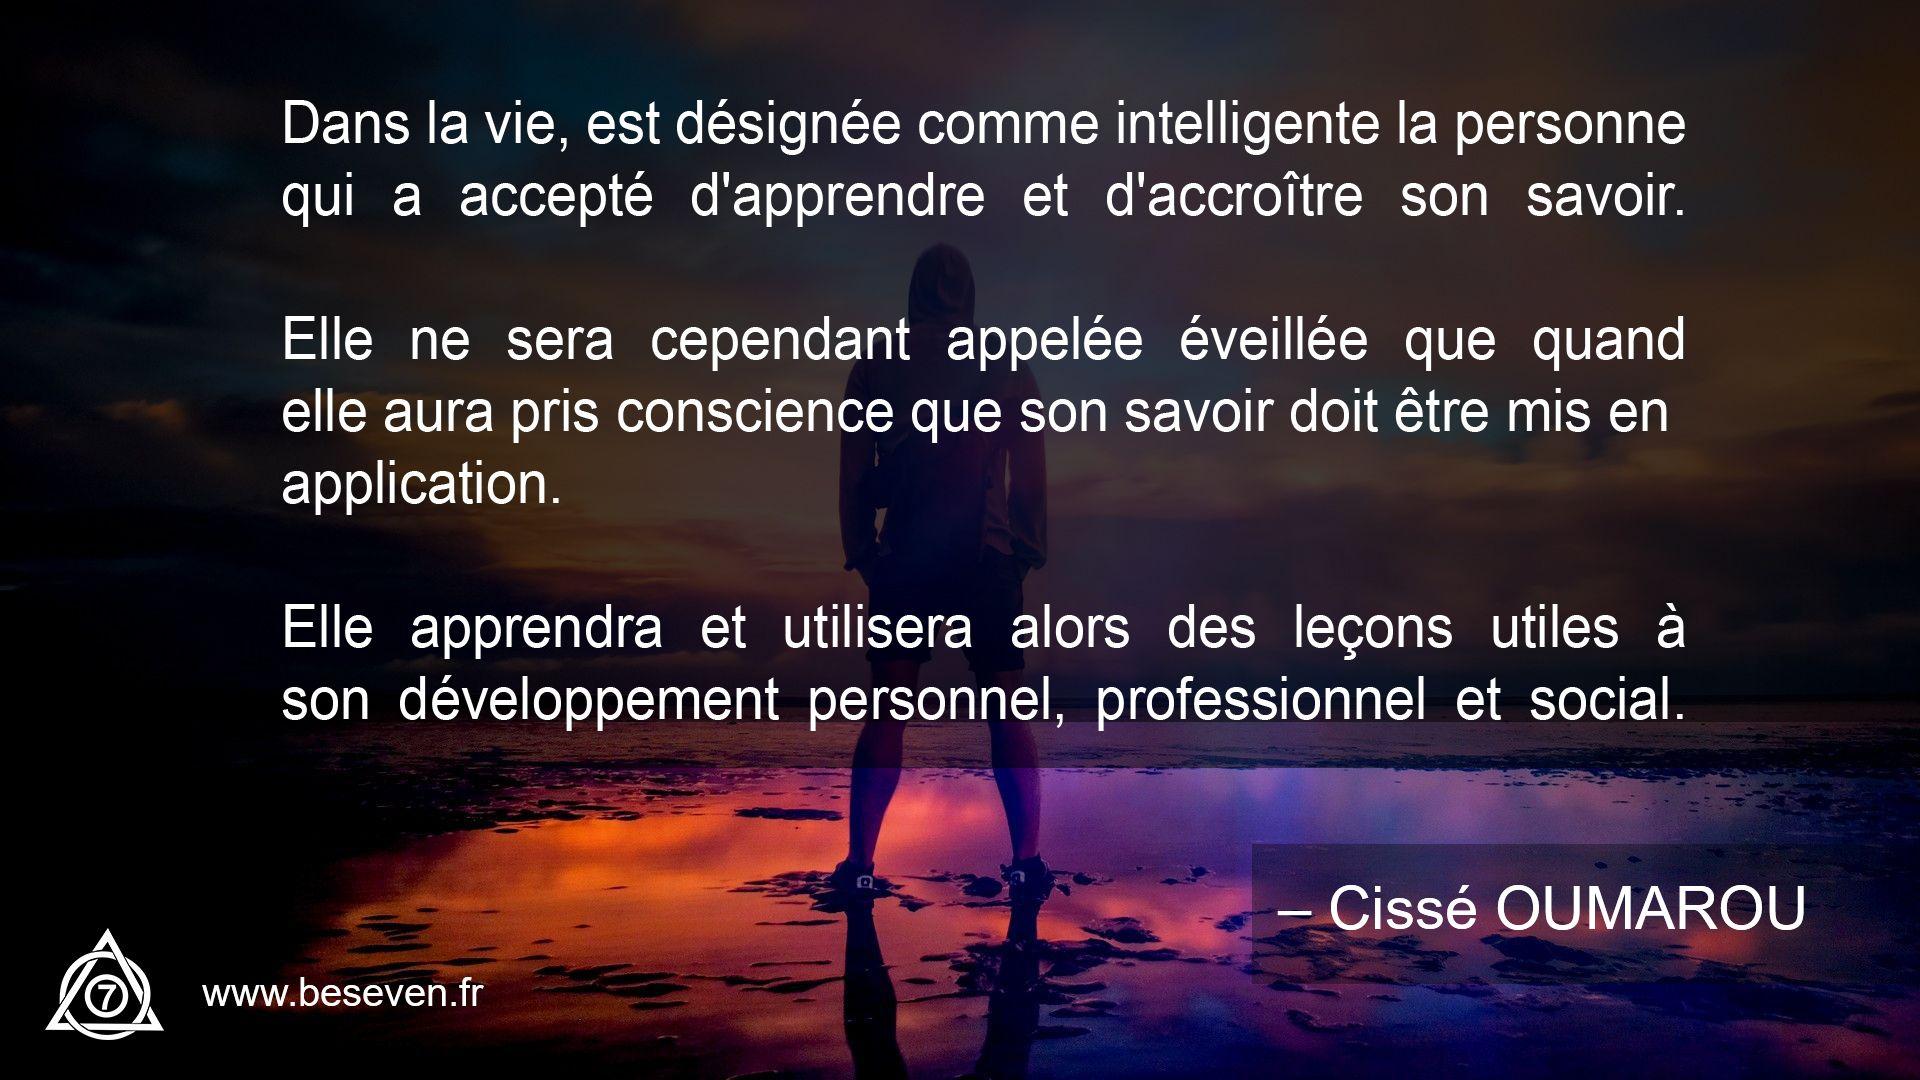 Image avec la citation de Cissé Oumarou